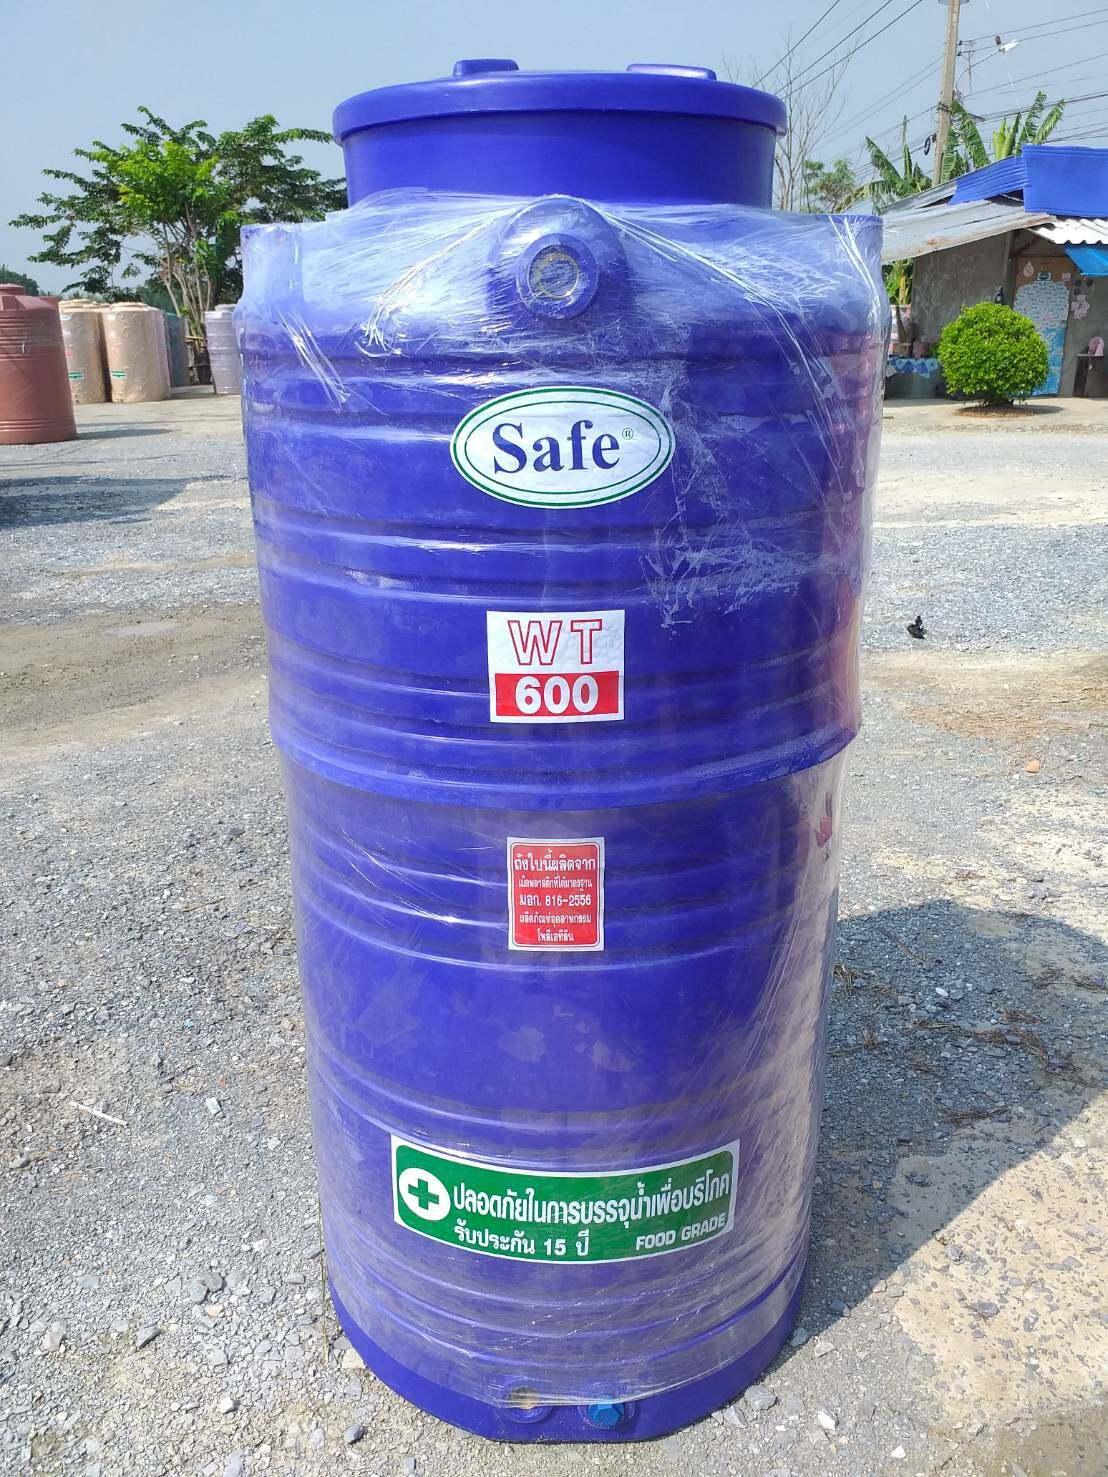 ถังเก็บน้ำ ขนาด 600 ลิตร ถังน้ำพีอี สีน้ำเงิน กรุงเทพปริมณฑล